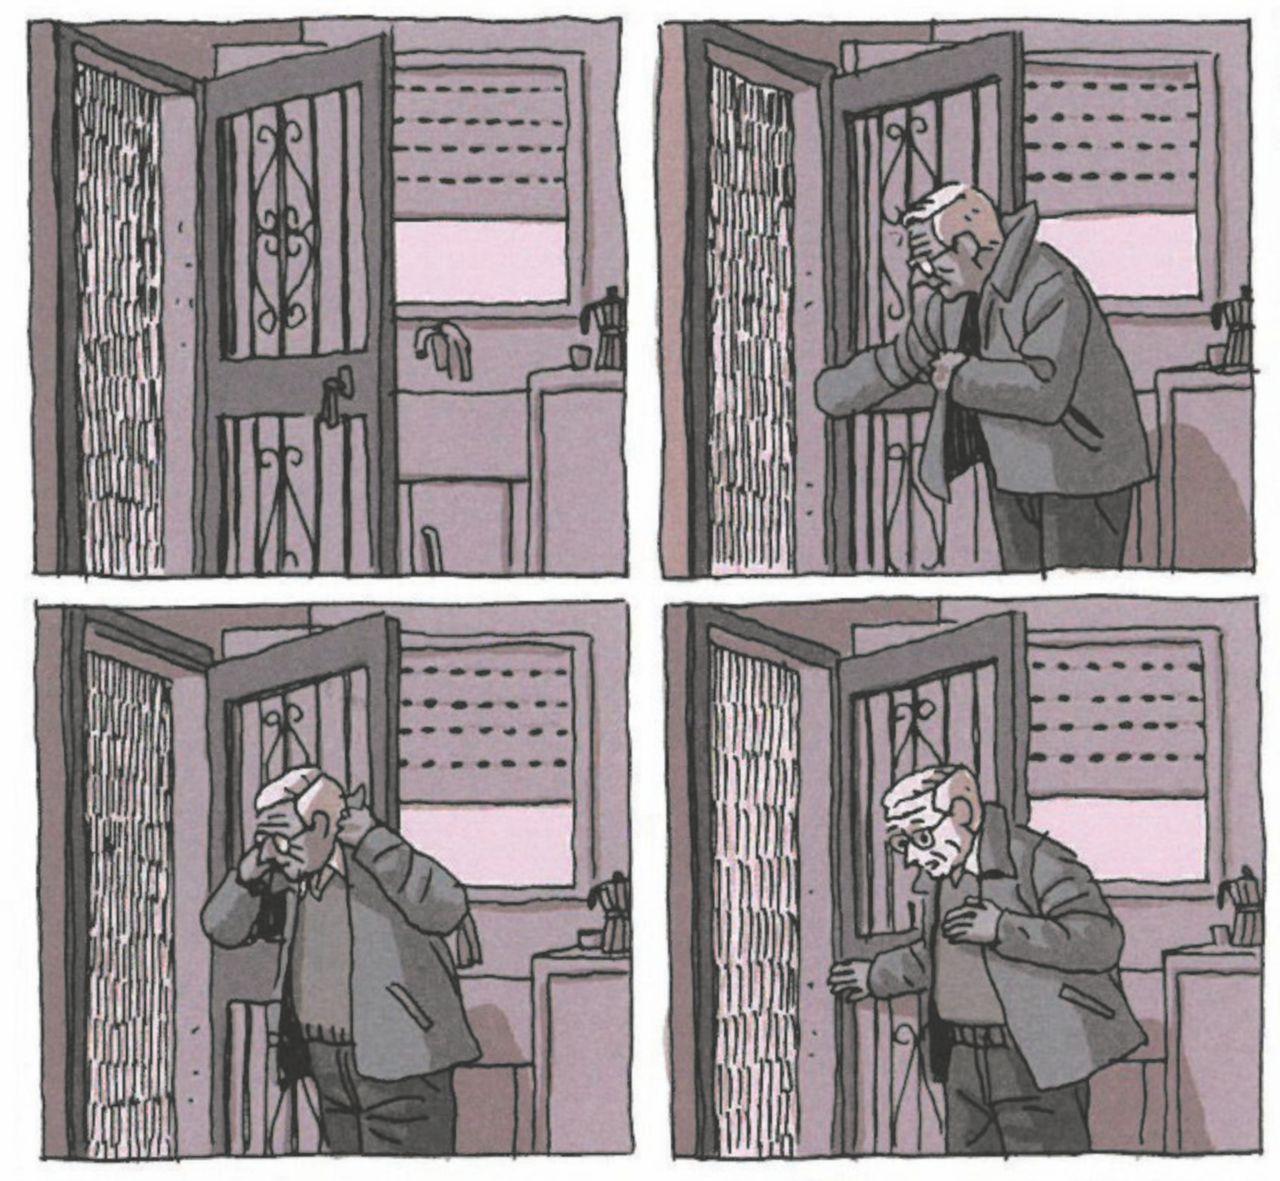 Non servono molte parole per raccontare, il fumetto può vivere anche di vignette mute